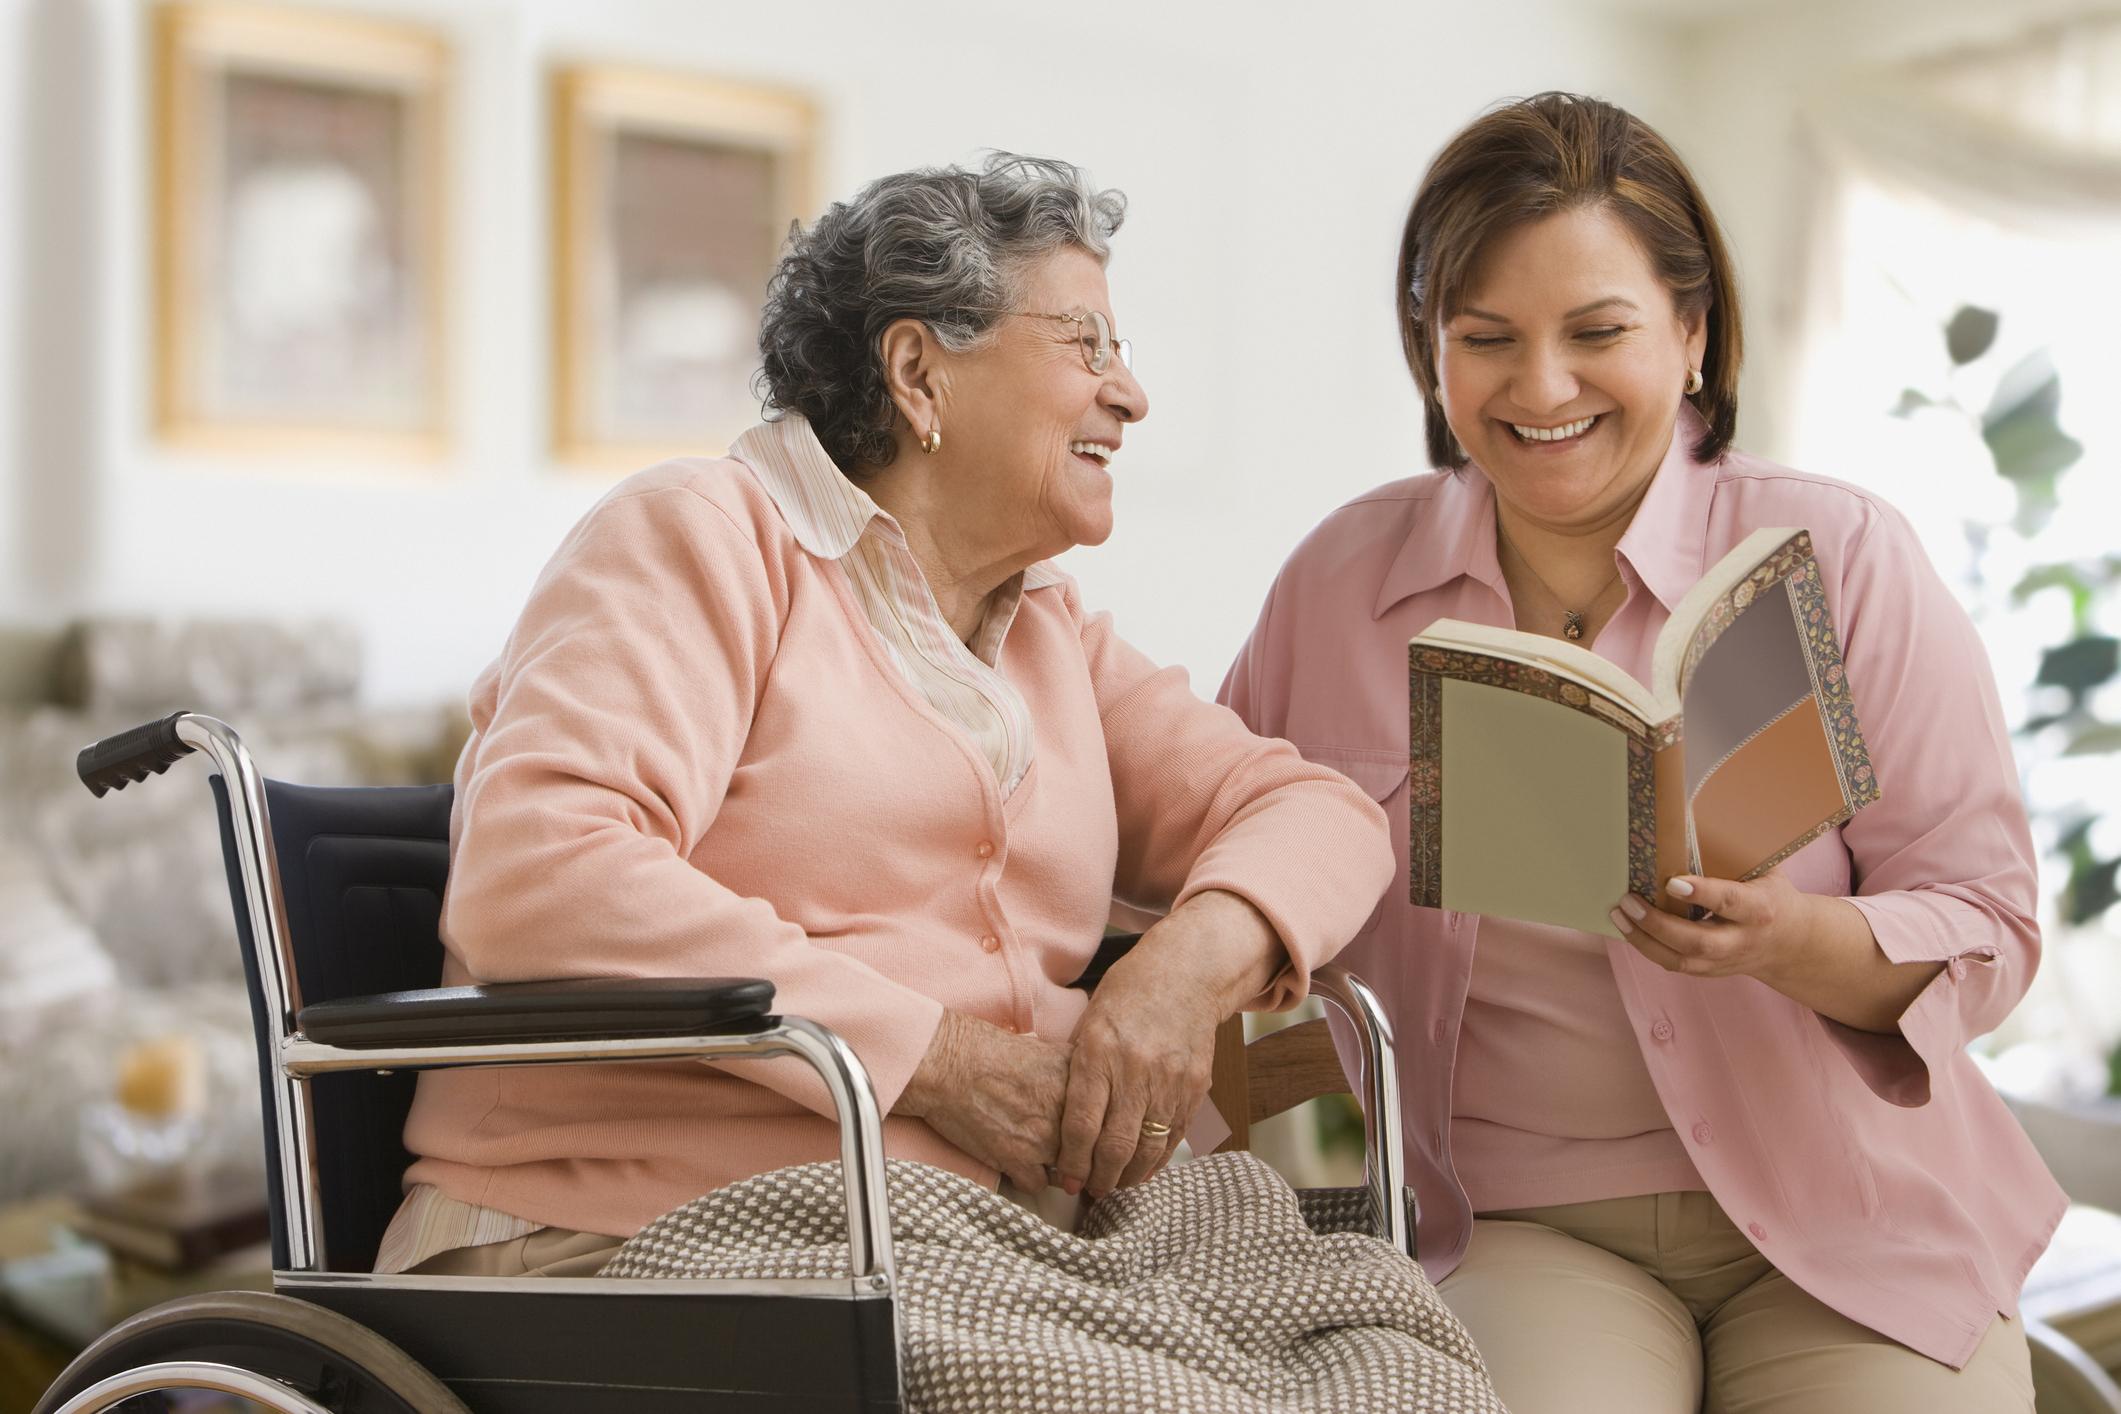 Quelle démarches réaliser pour une aide à domicile ?